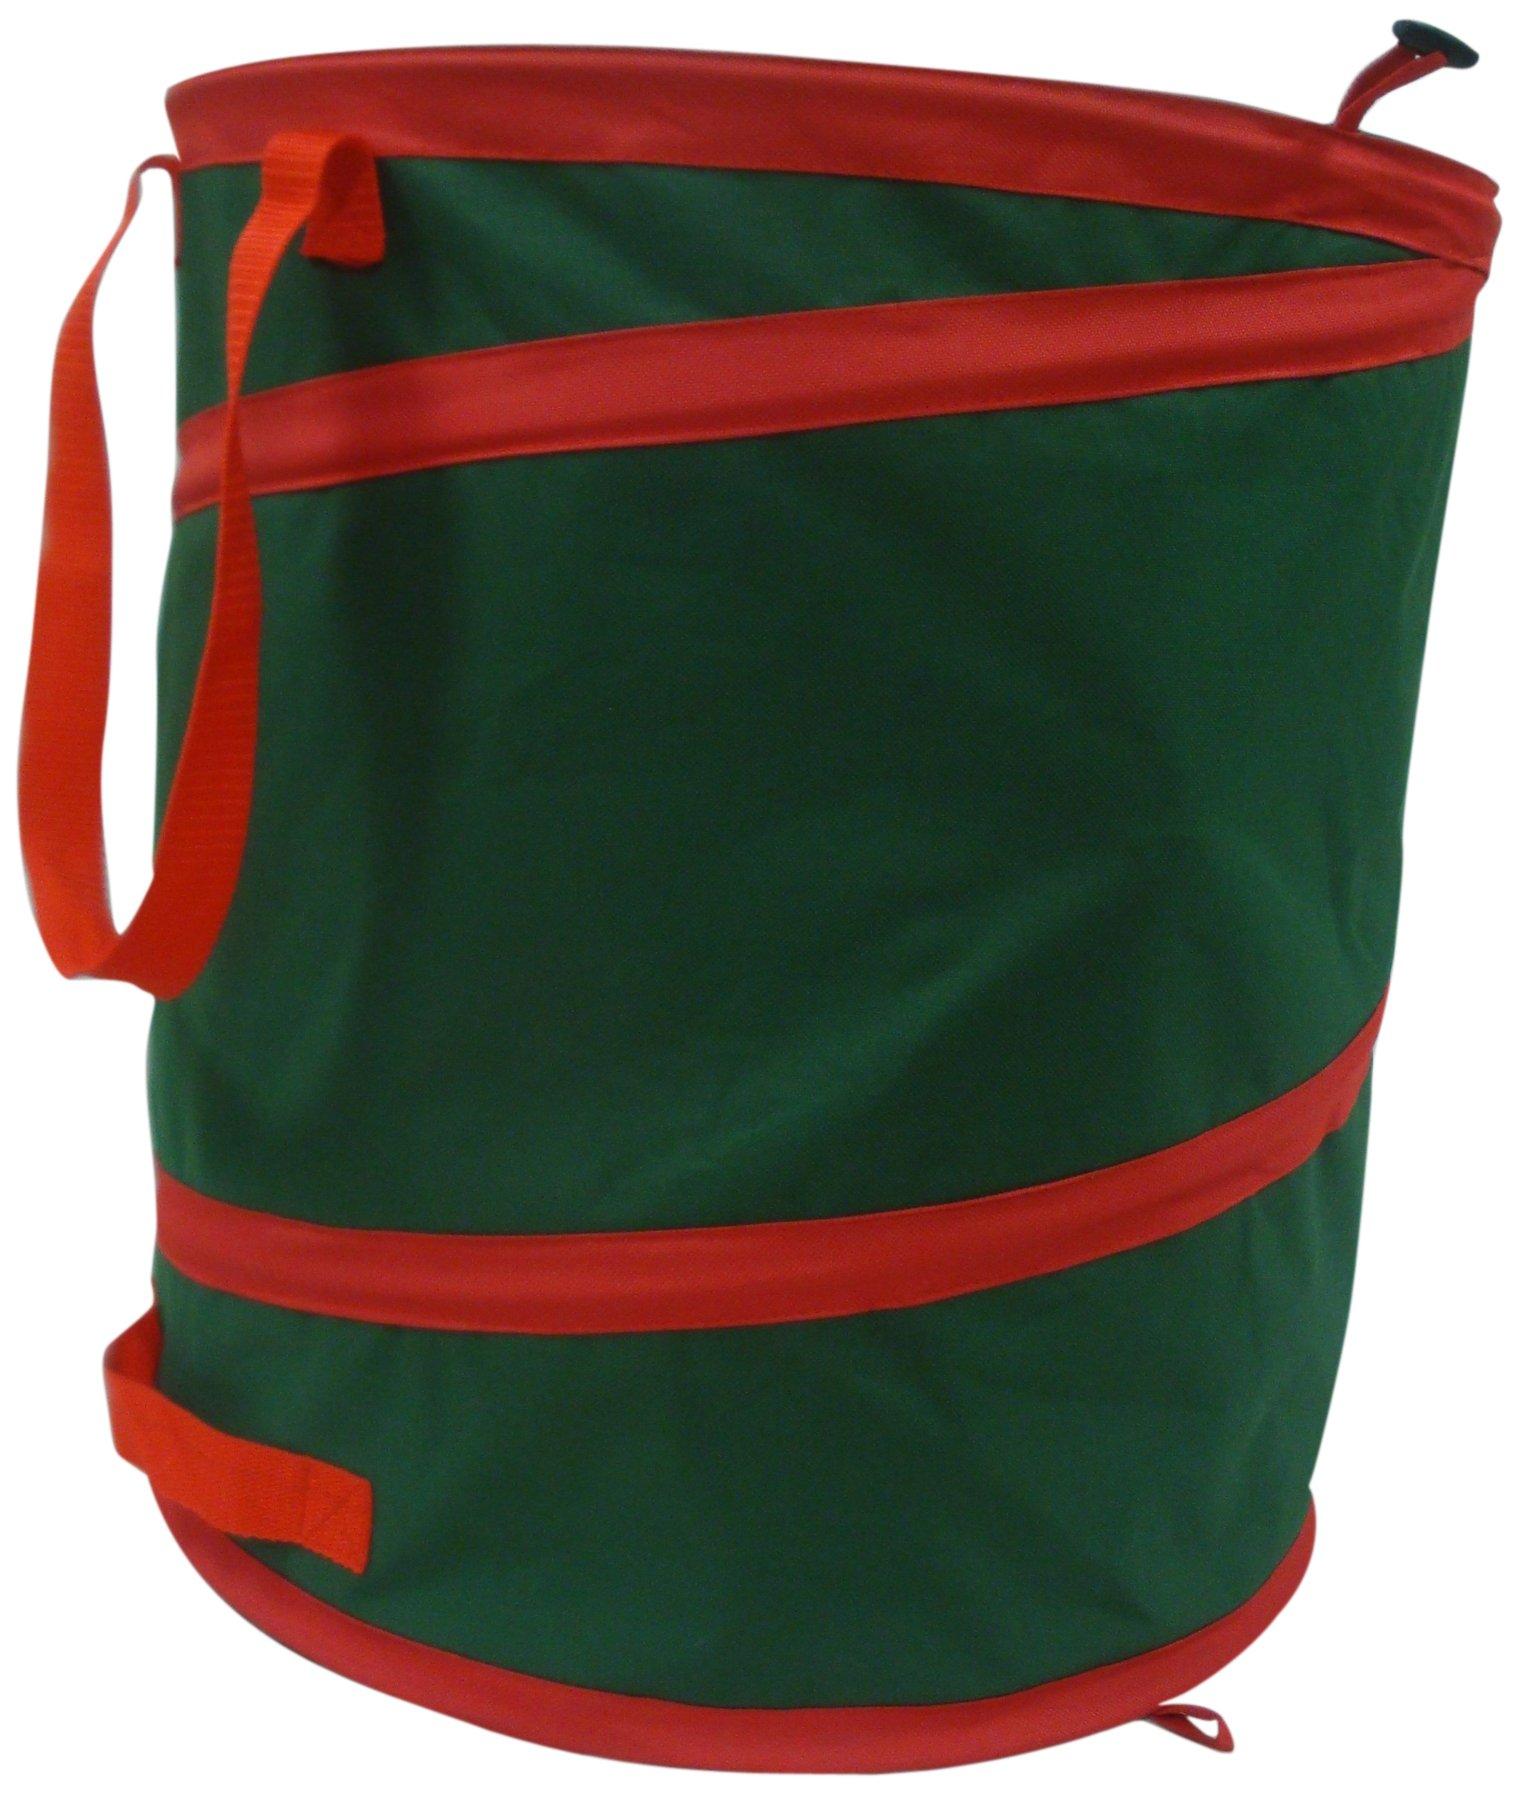 greenkey pop up garden bag new. Black Bedroom Furniture Sets. Home Design Ideas